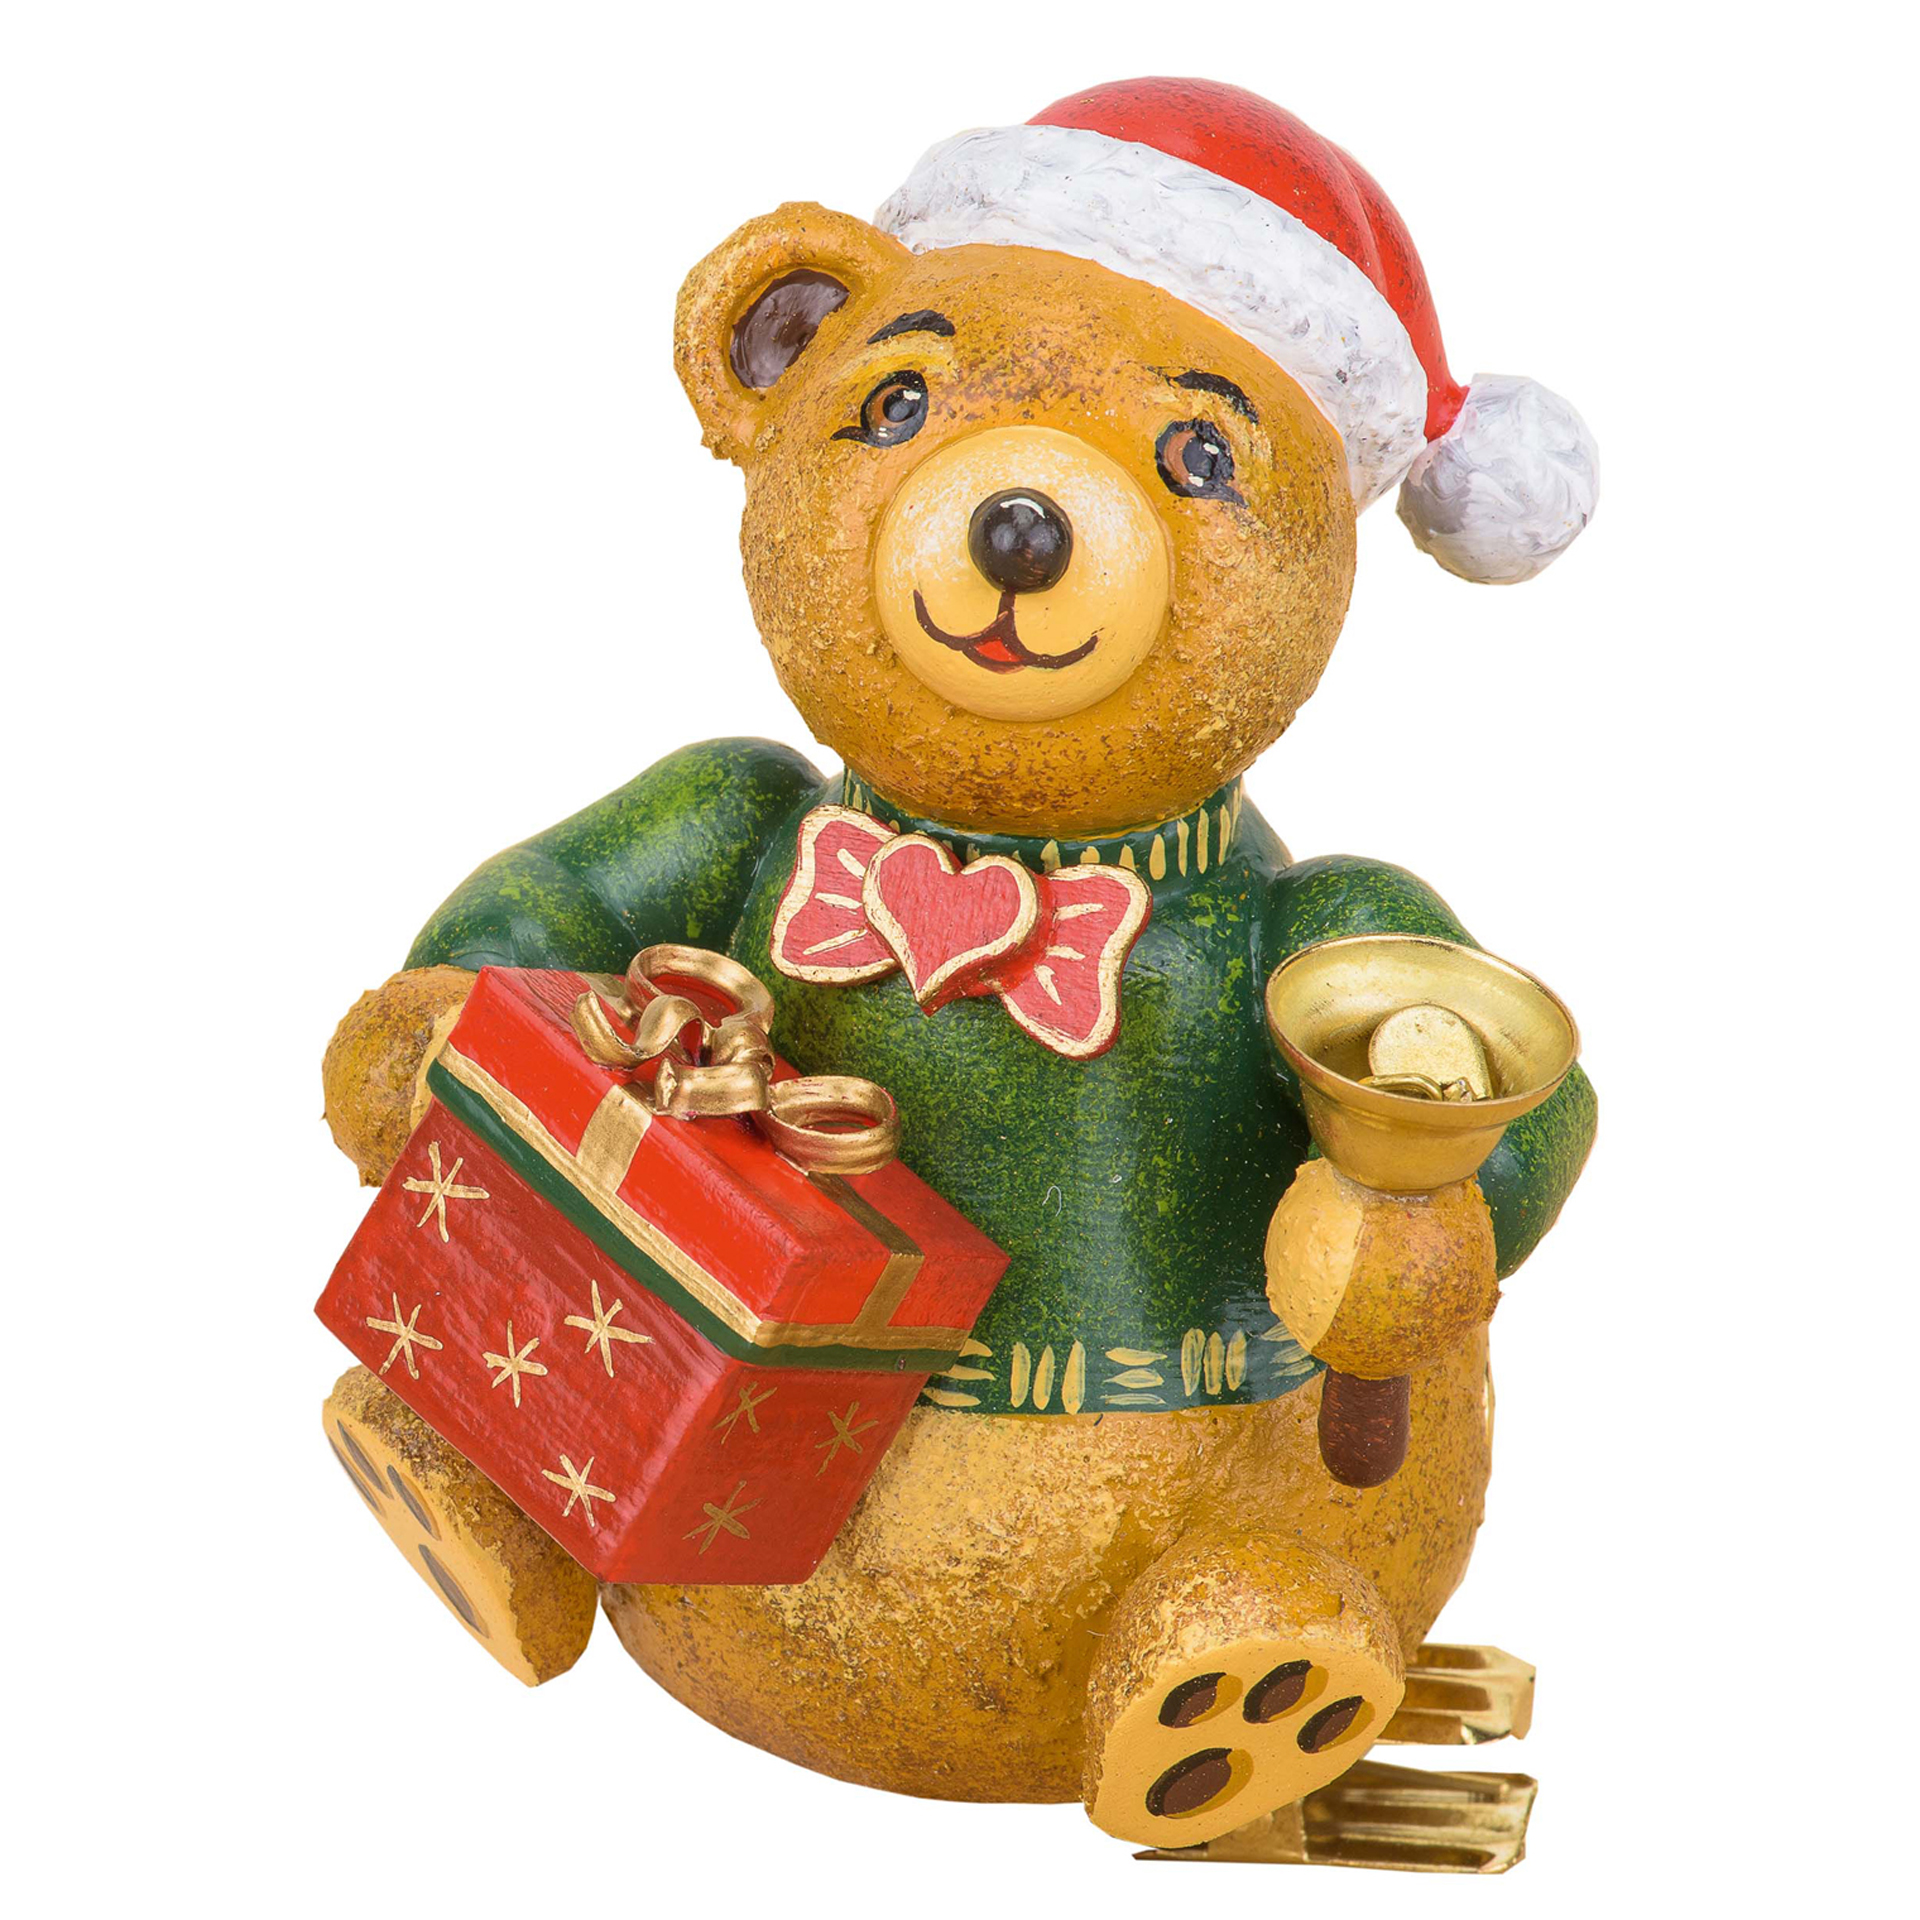 Baumclipser Teddy Weihnachtsbärli